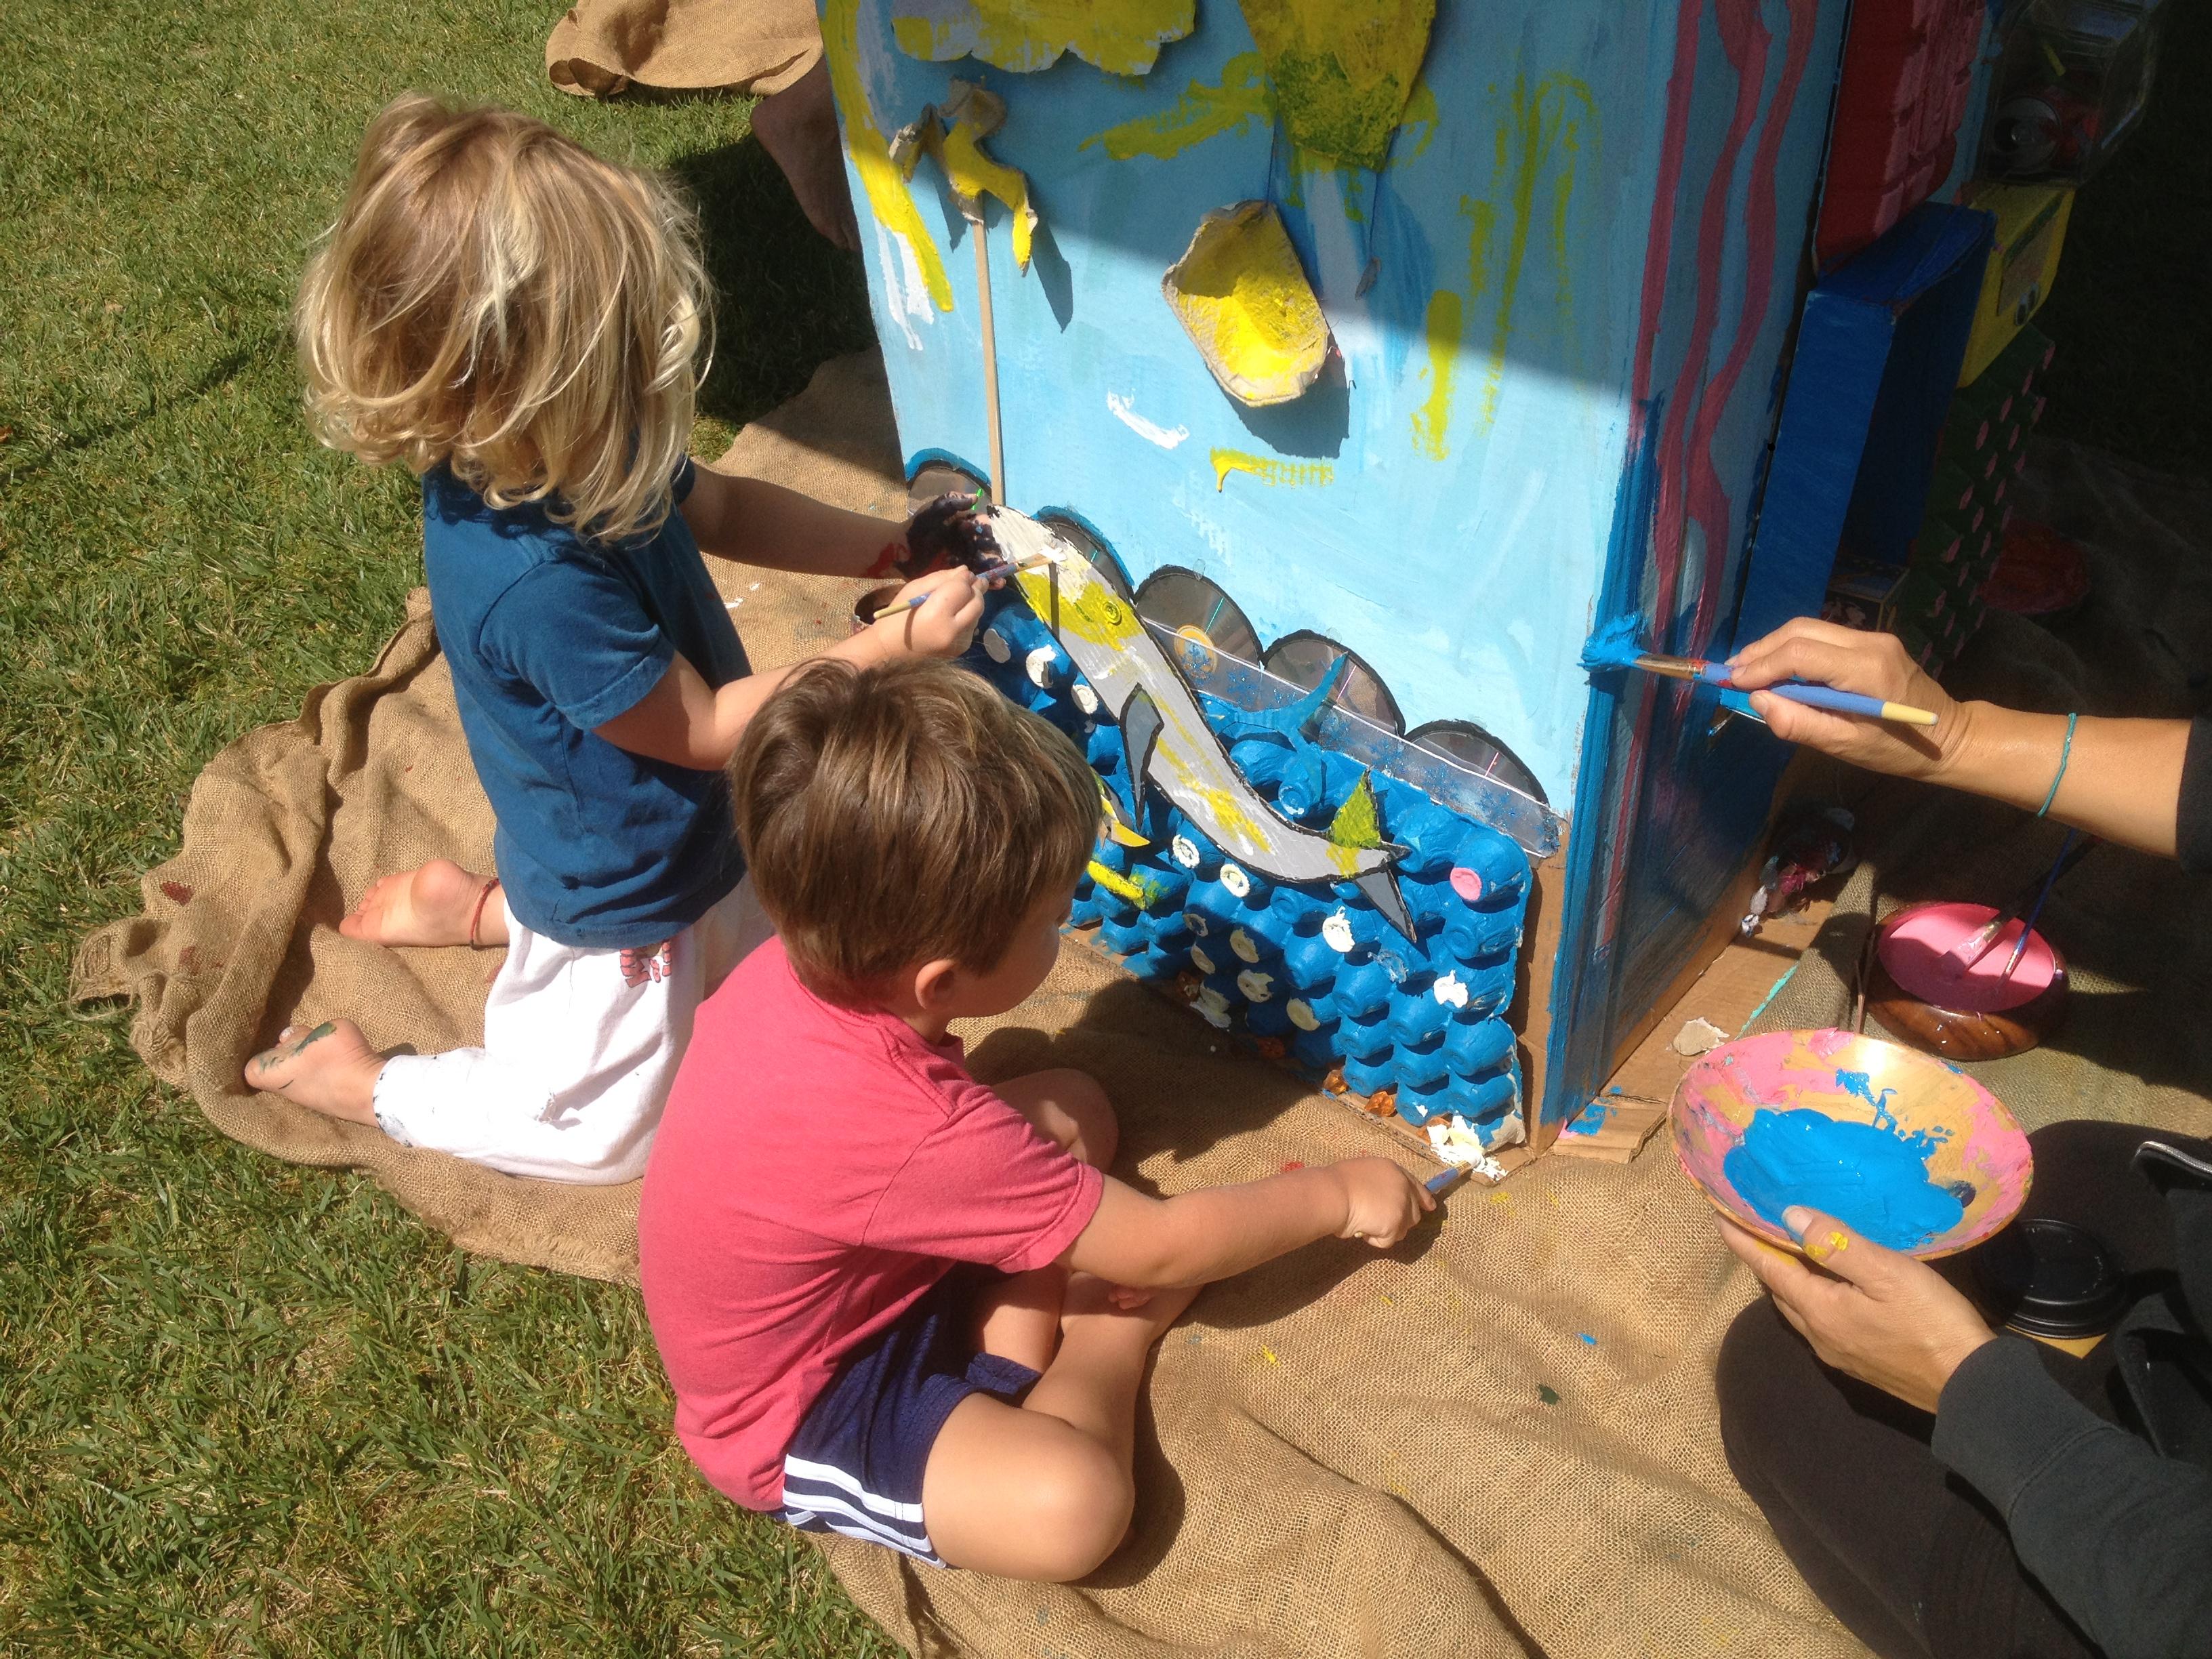 Toddler Paint Non-toxic, Eco-friendly Paints Safer children's Finger Paint